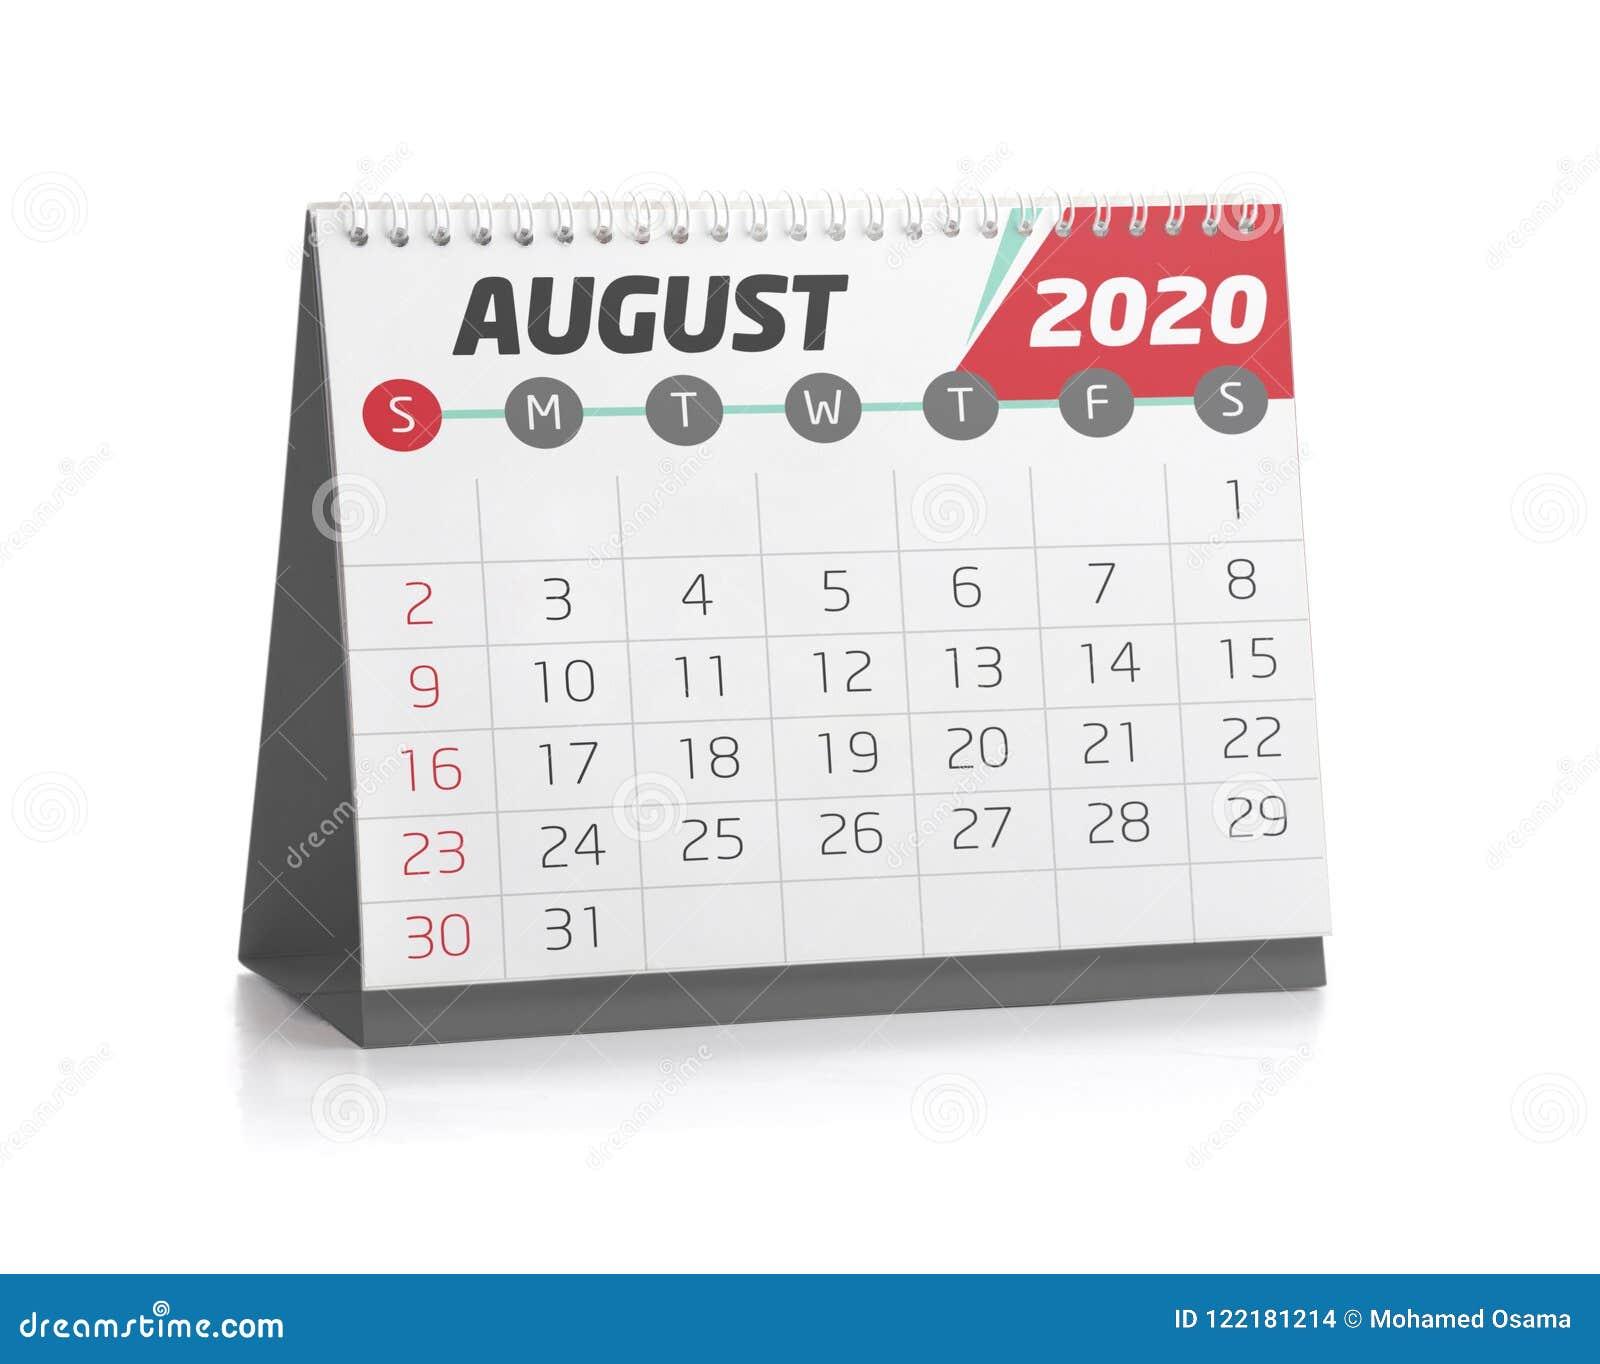 Agosto 2020 Calendario.Ufficio Calendario Agosto 2020 Illustrazione Di Stock